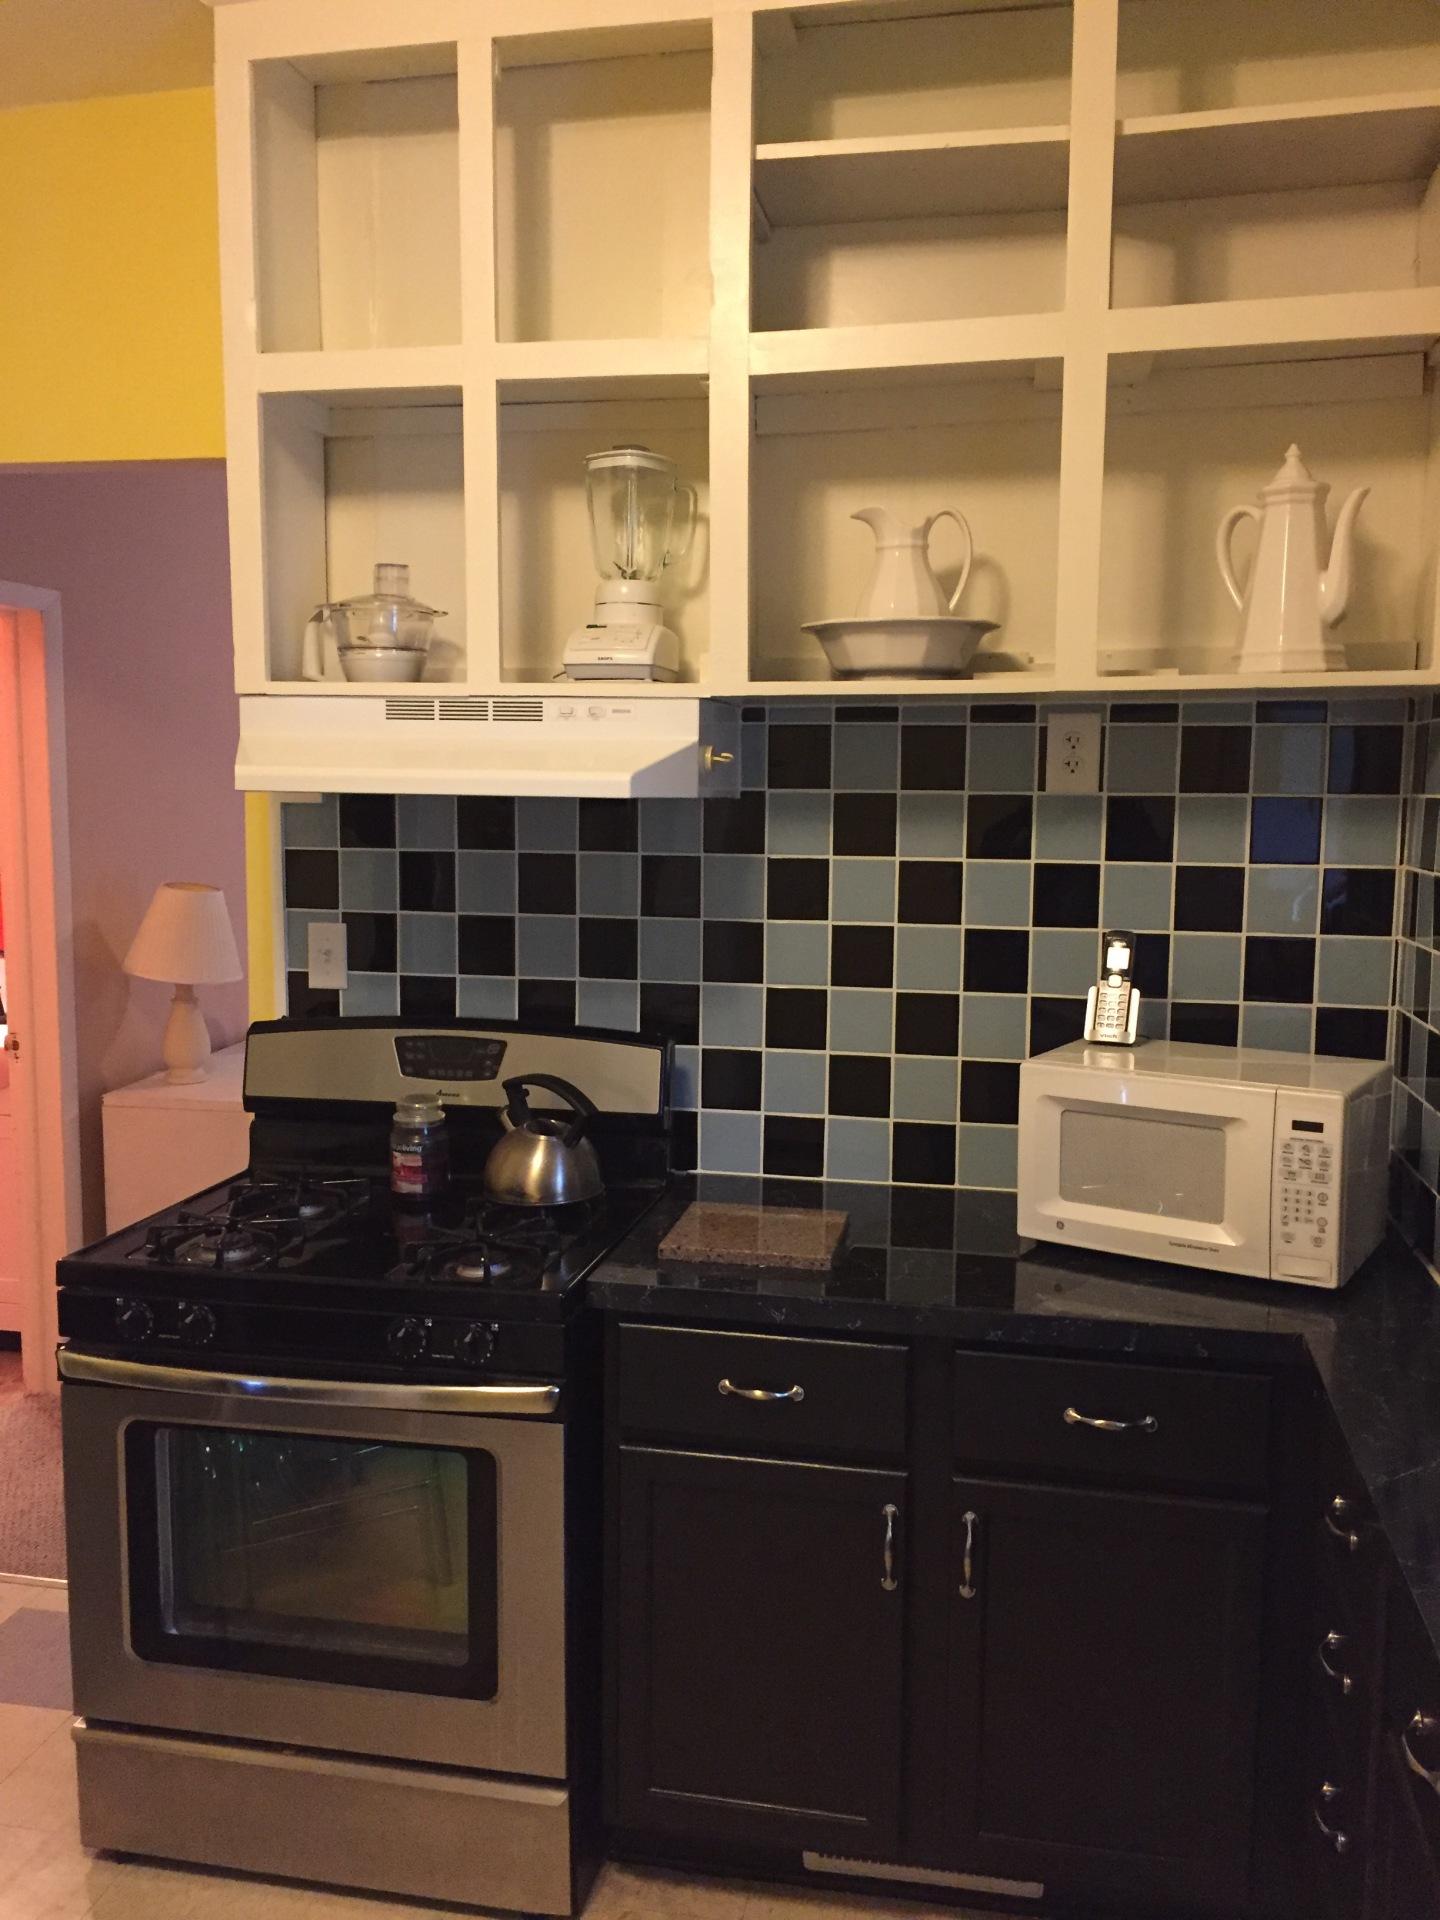 Kitchen, view #2